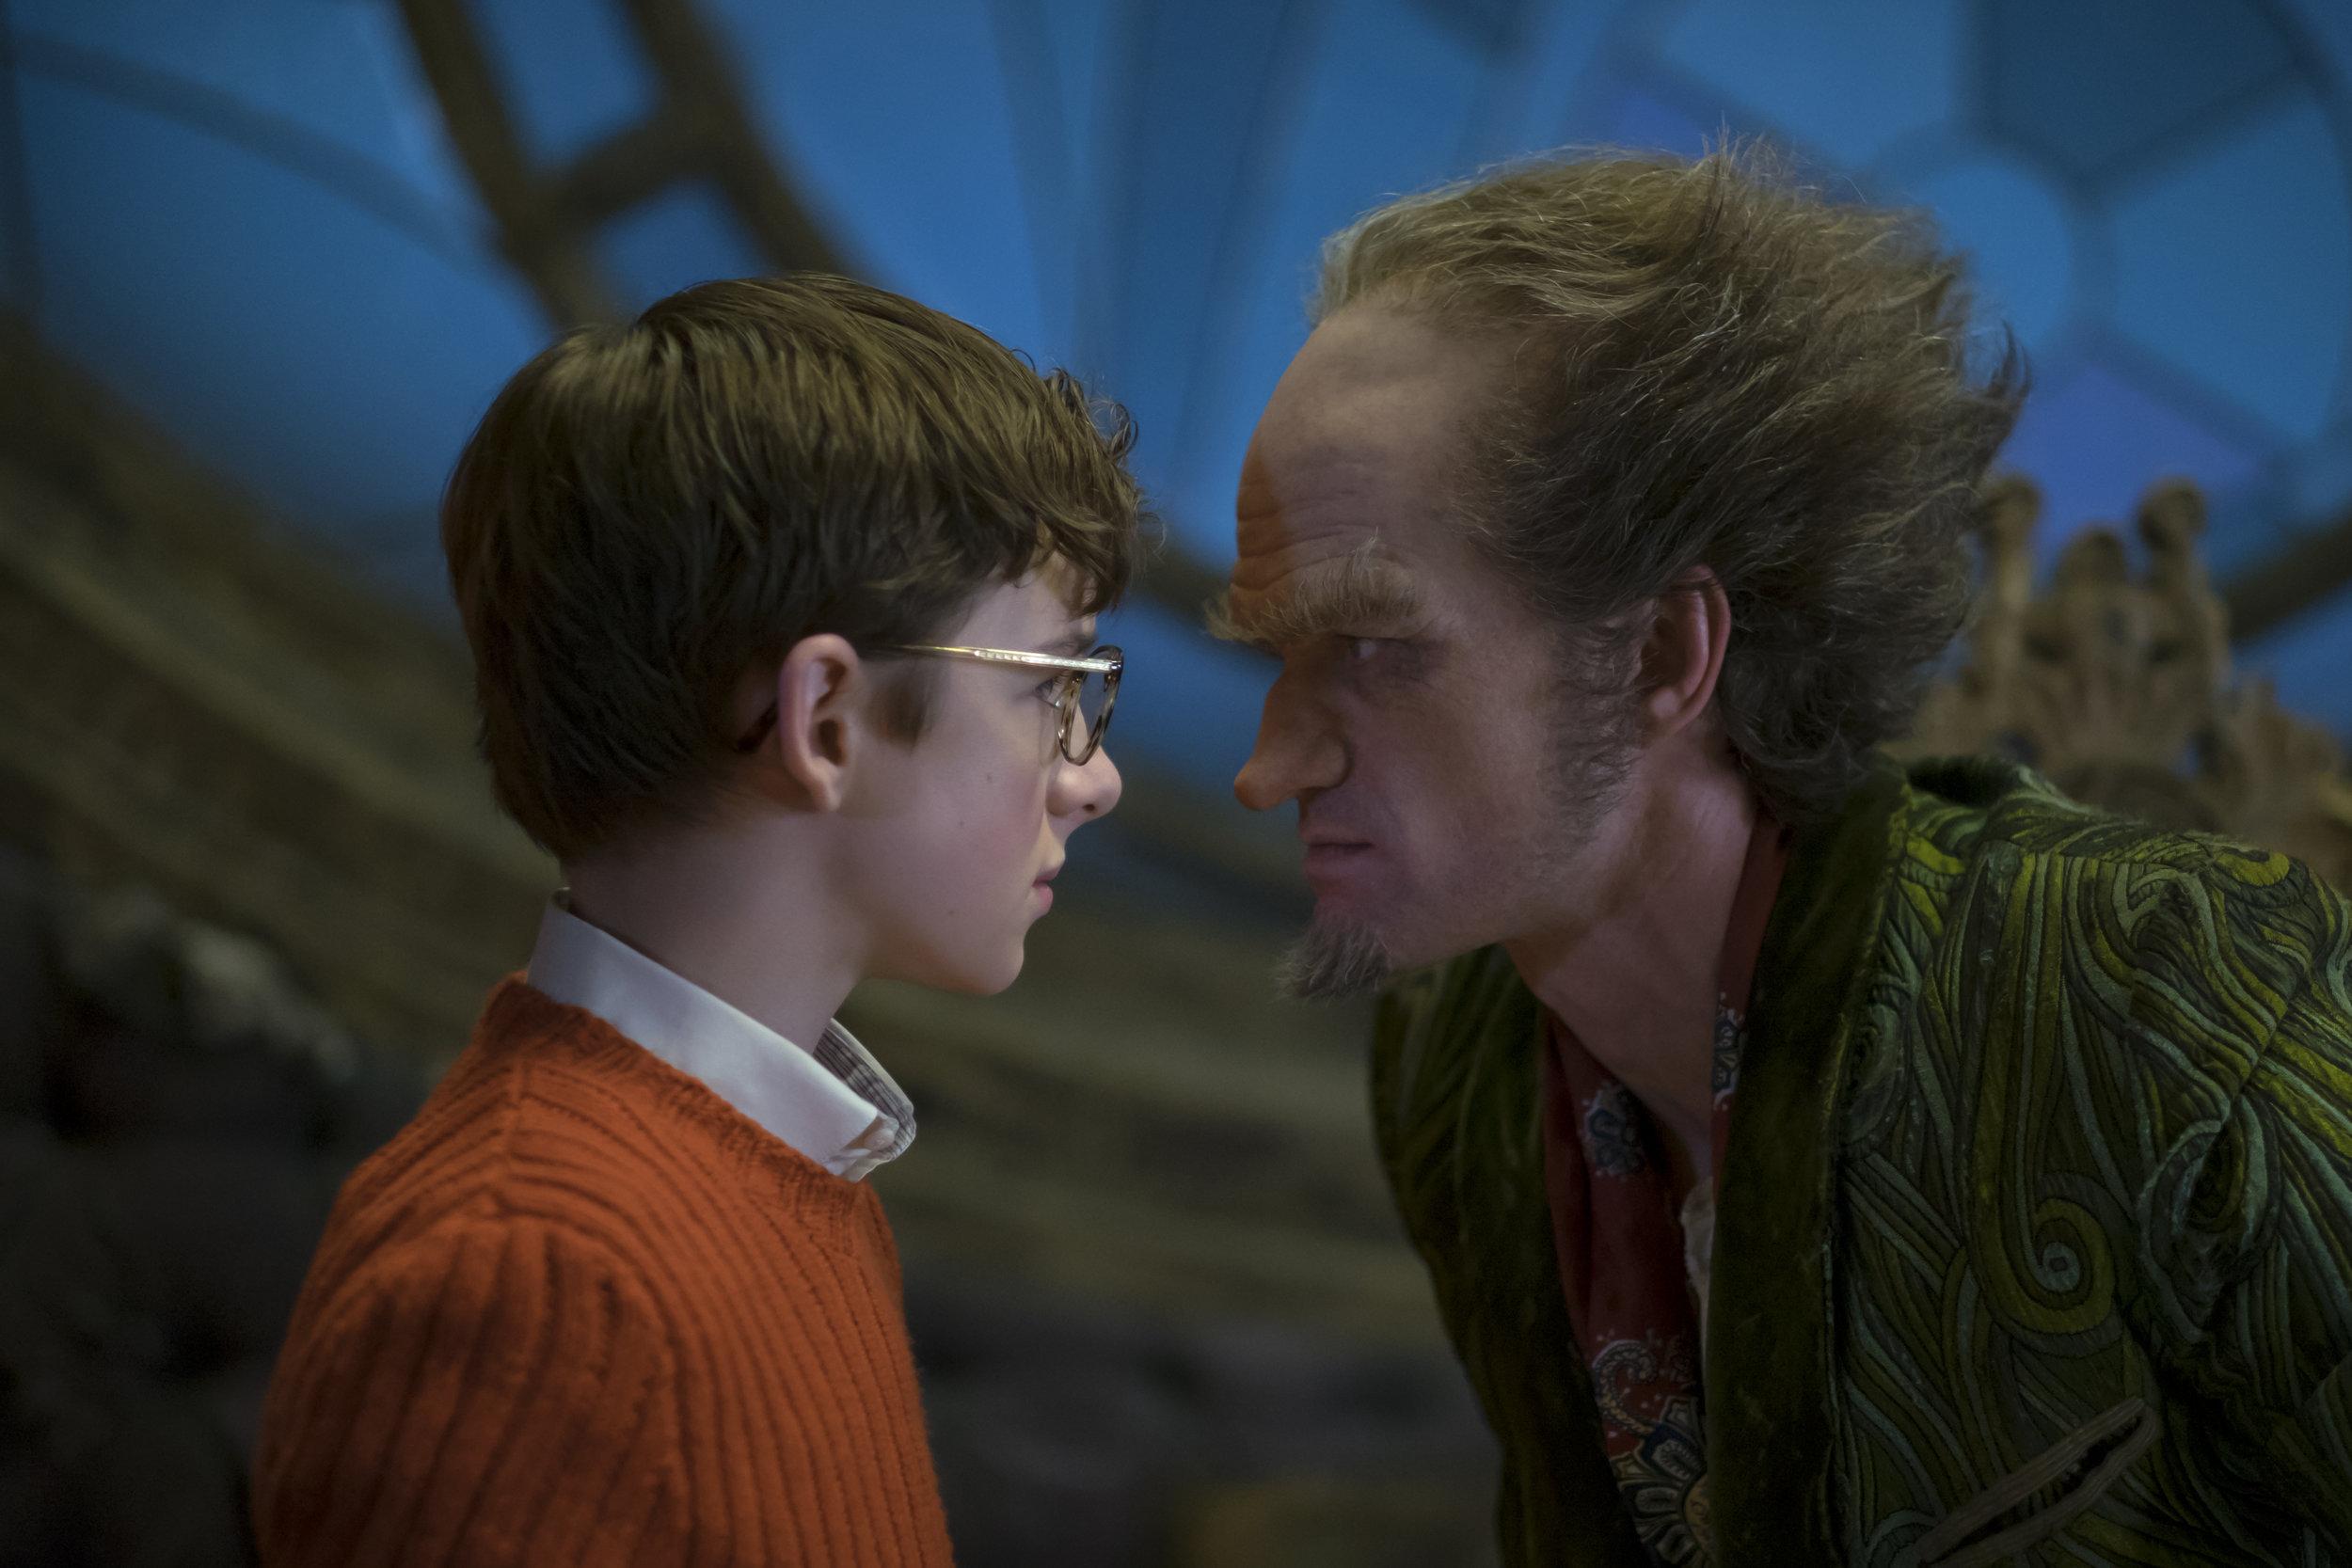 Joe Lederer/Netflix -  Louis Hynes  as Klaus Baudelaire and  Neil Patrick Harris  as Count Olaf